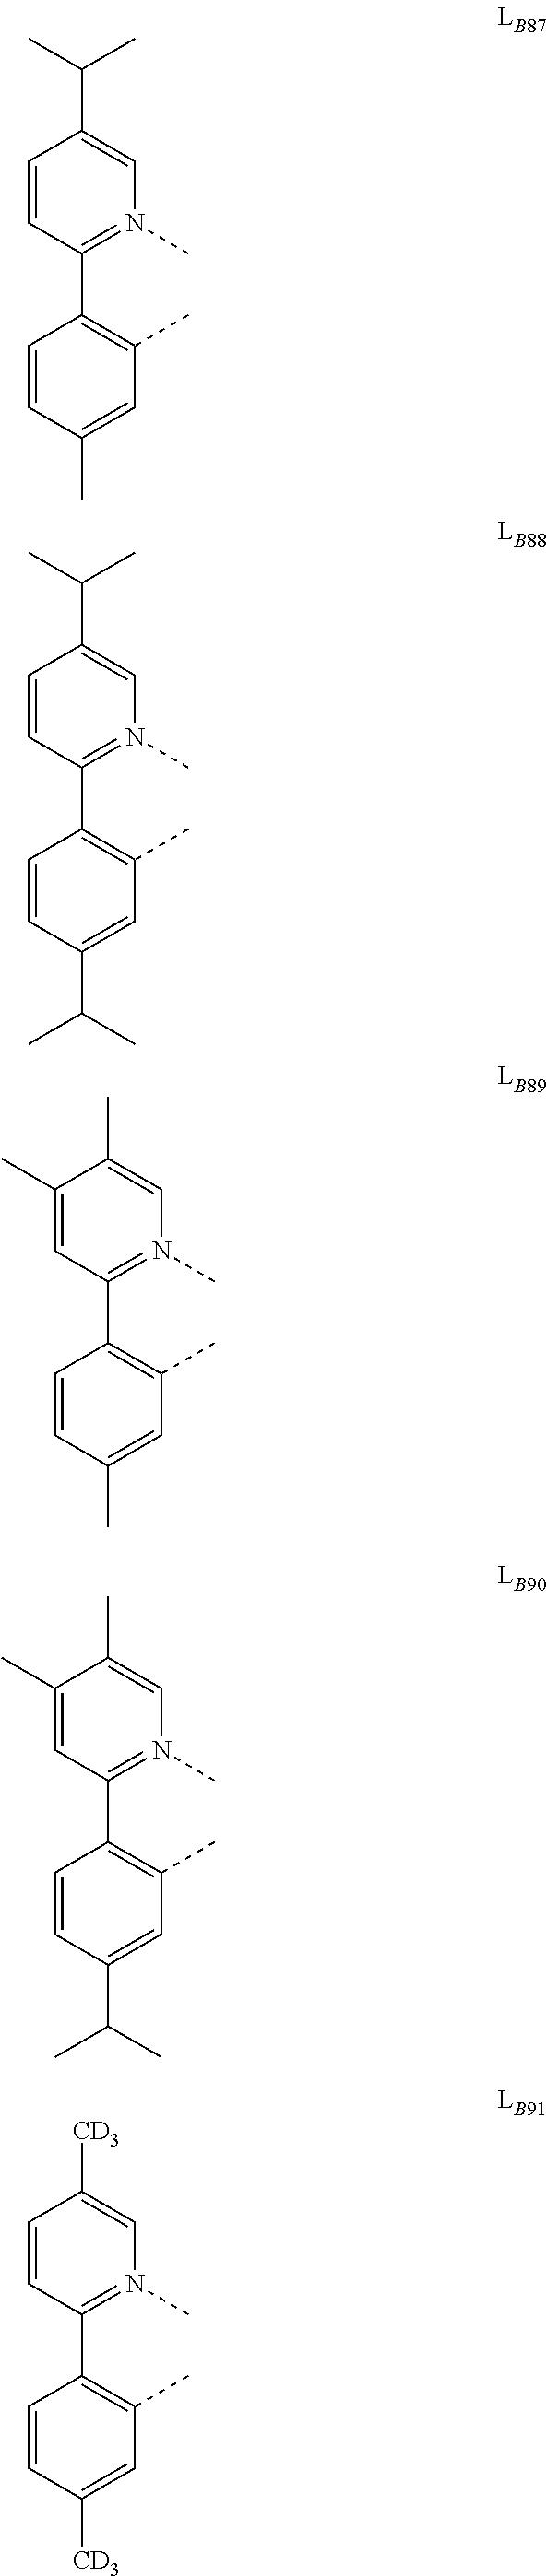 Figure US20180130962A1-20180510-C00082